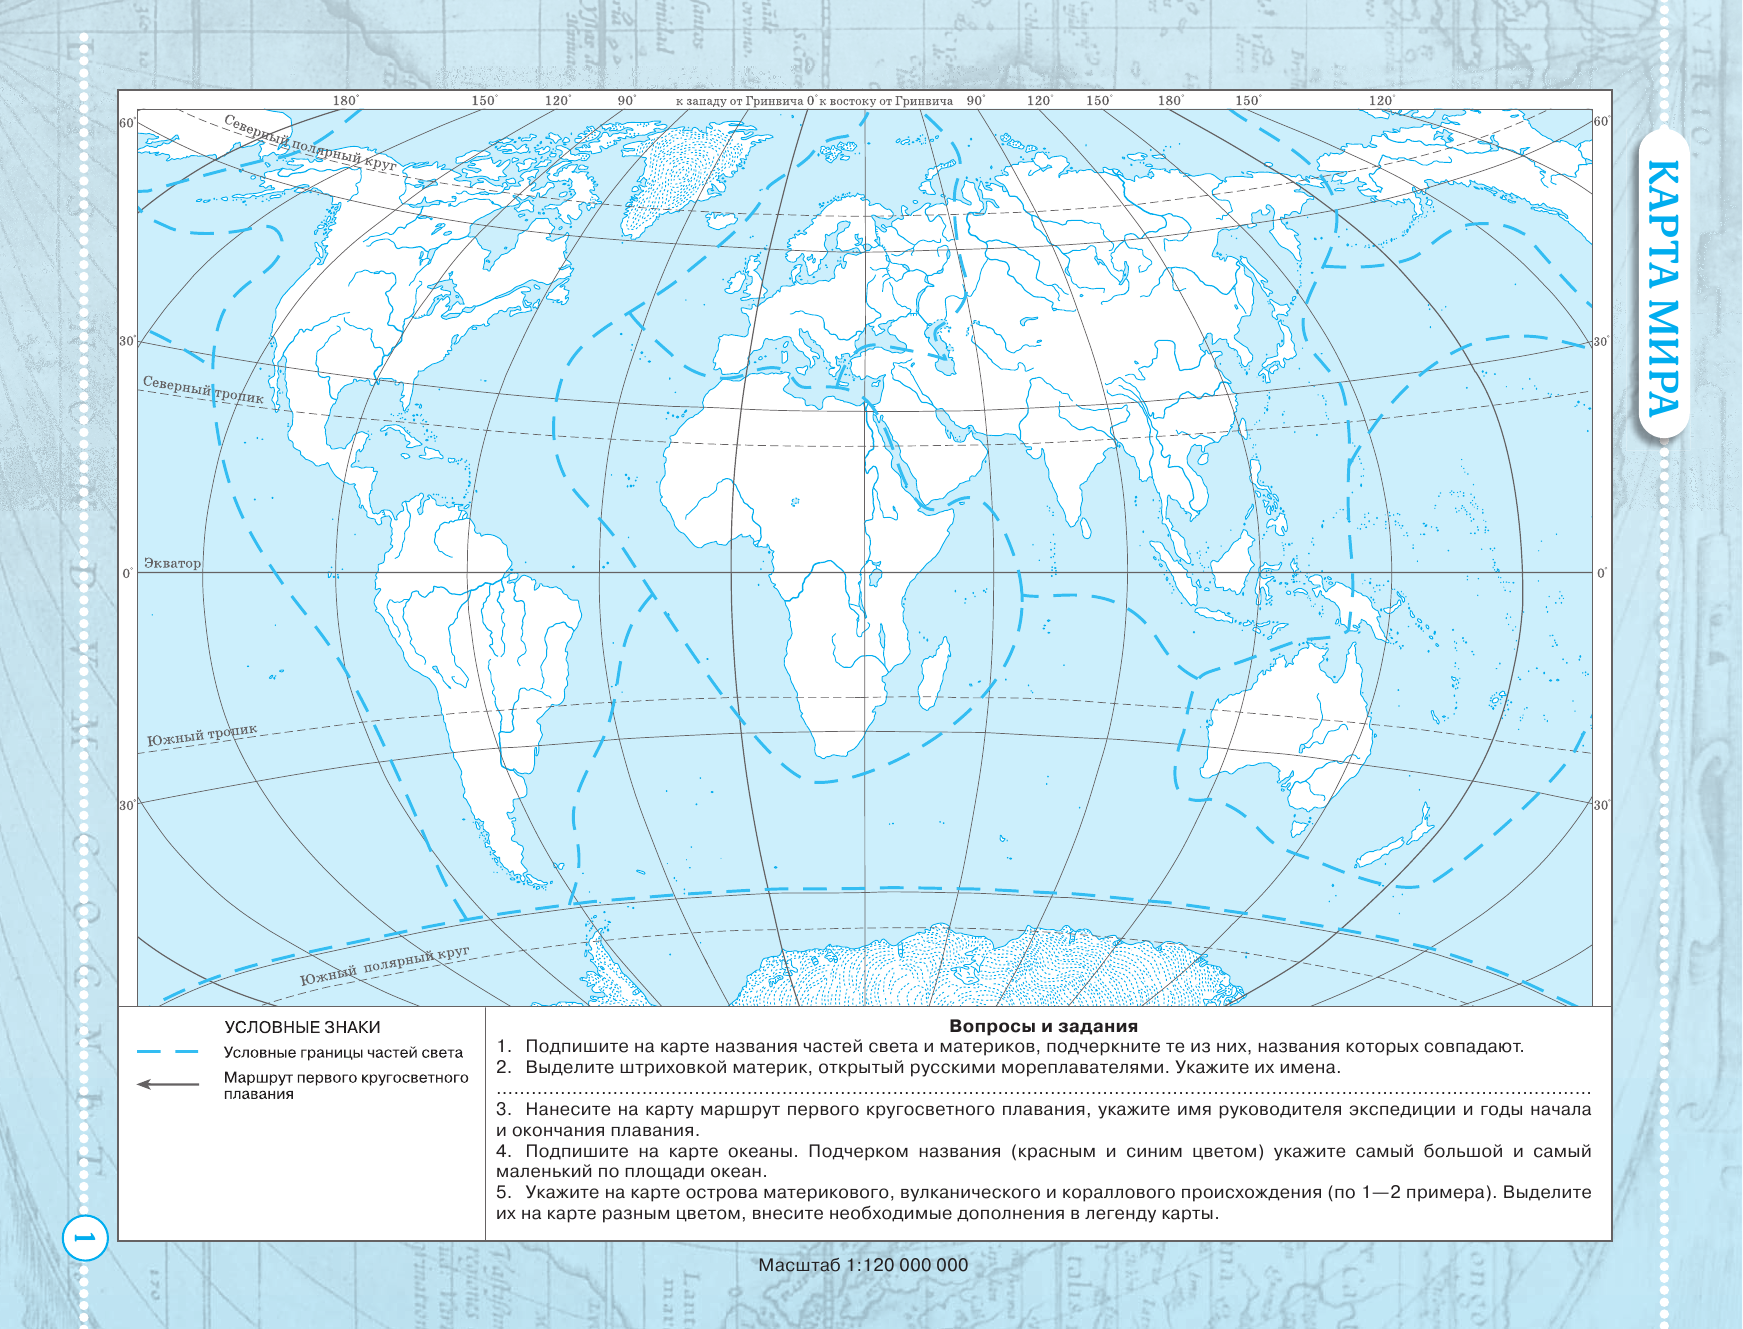 6 решебник фгос контурной по класс карте